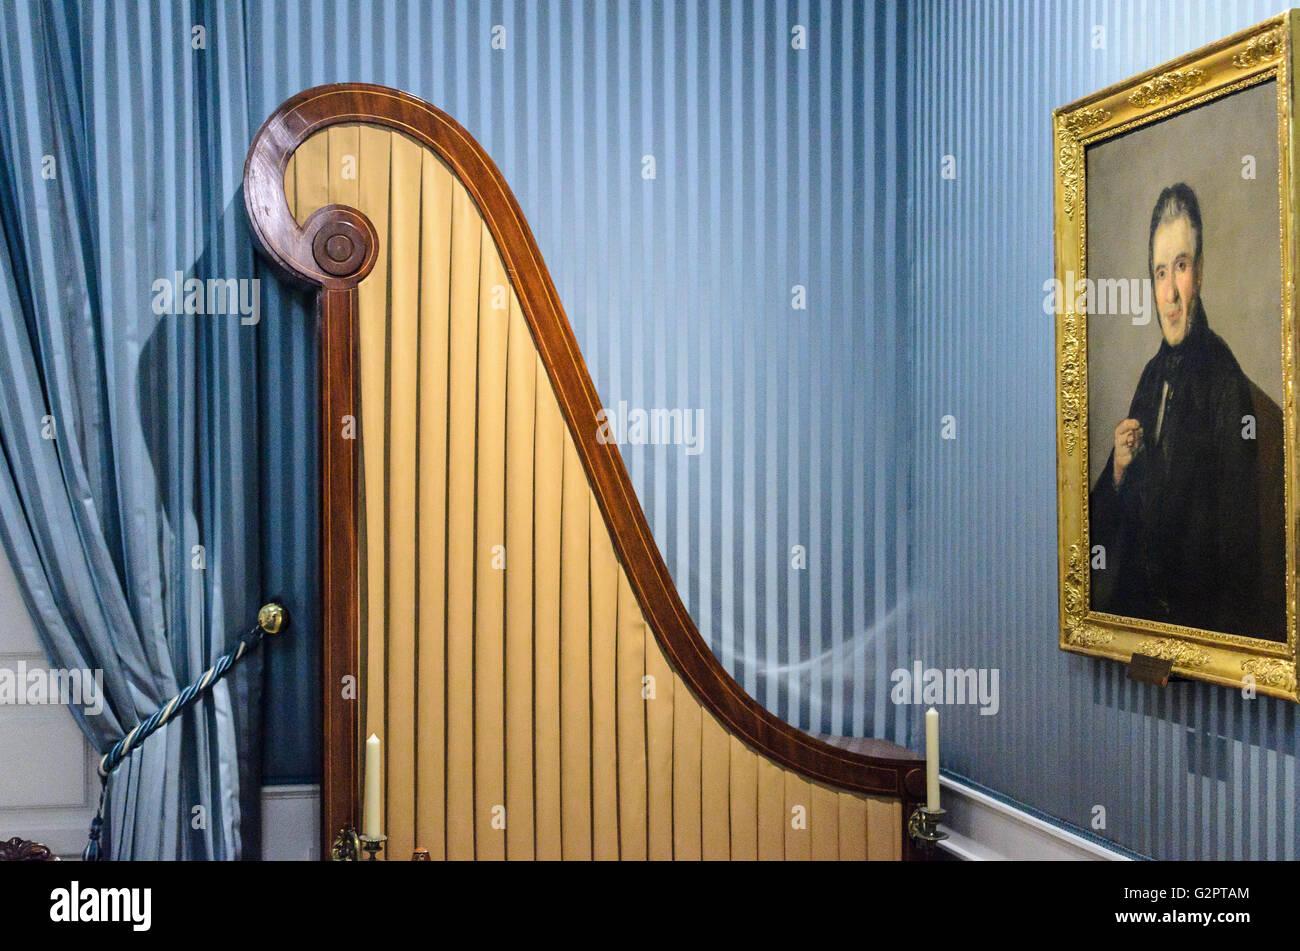 Madrid, Spanien, 2. Juni 2016.  Im Haus Blick auf das Romantik-Museum in Madrid, Spanien. Enrique Davó/Alamy Stockbild